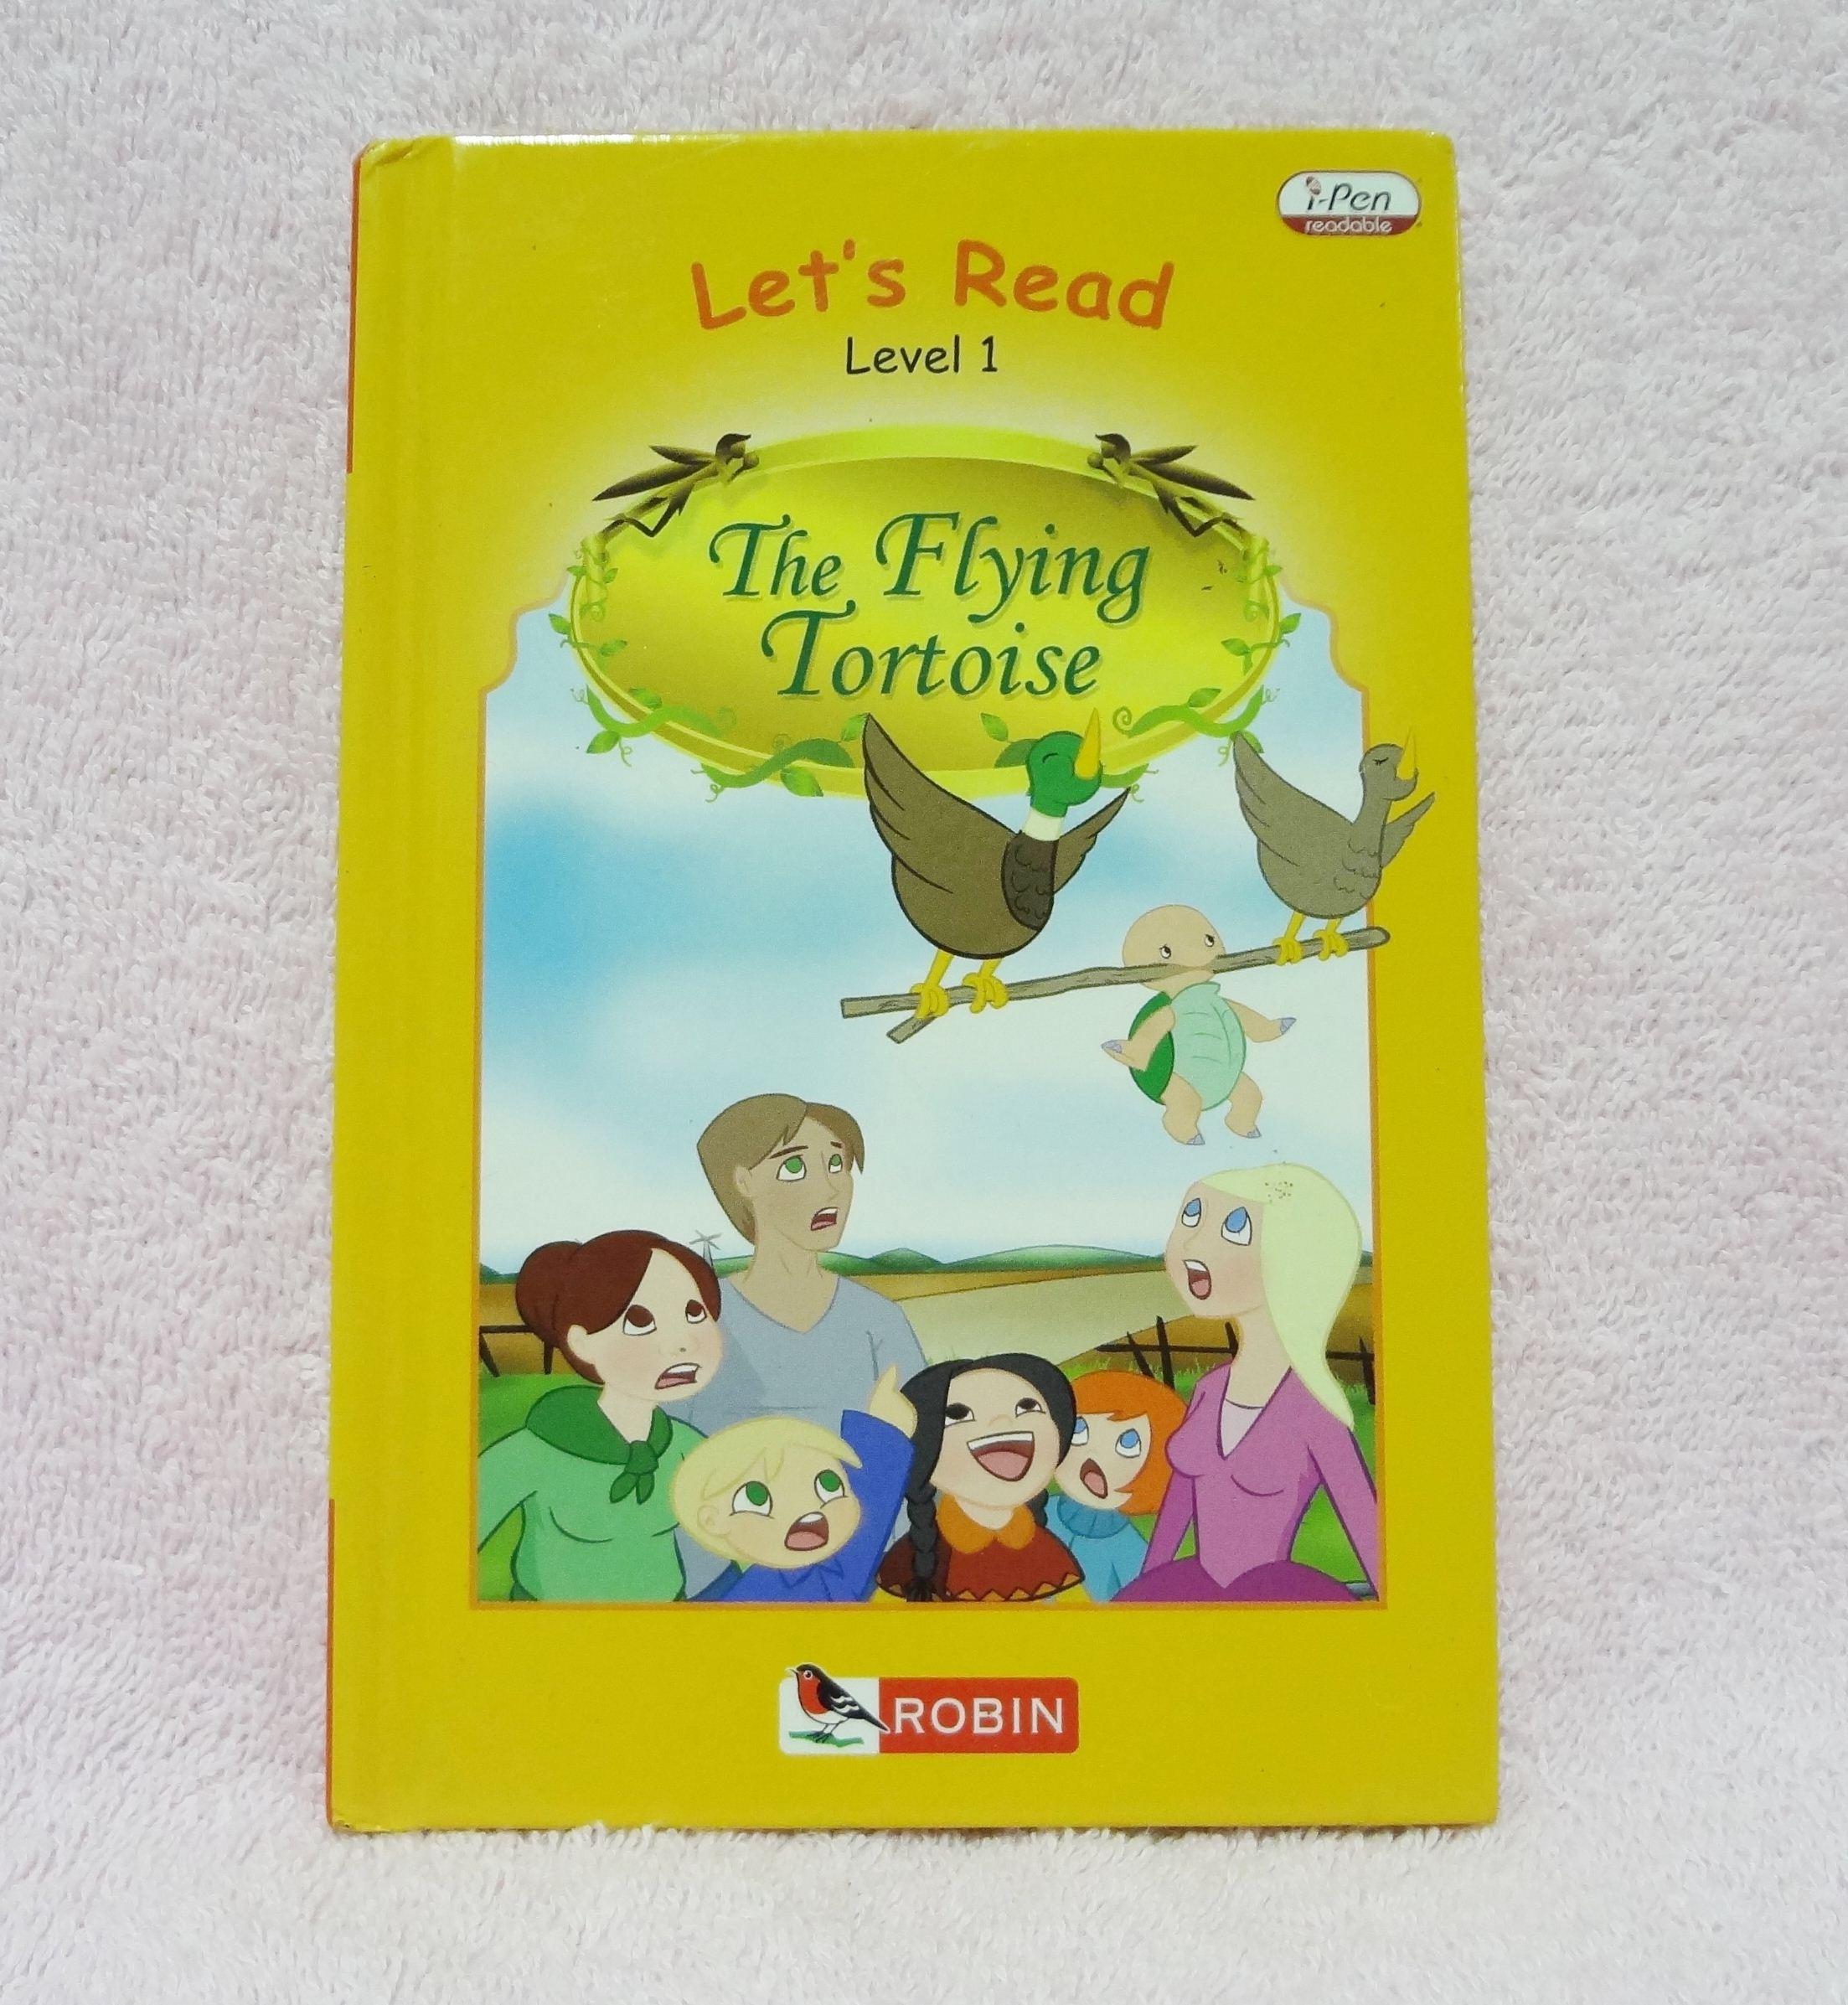 หนังสือนิทานเรื่อง The Flying Tortoise ของ Robin